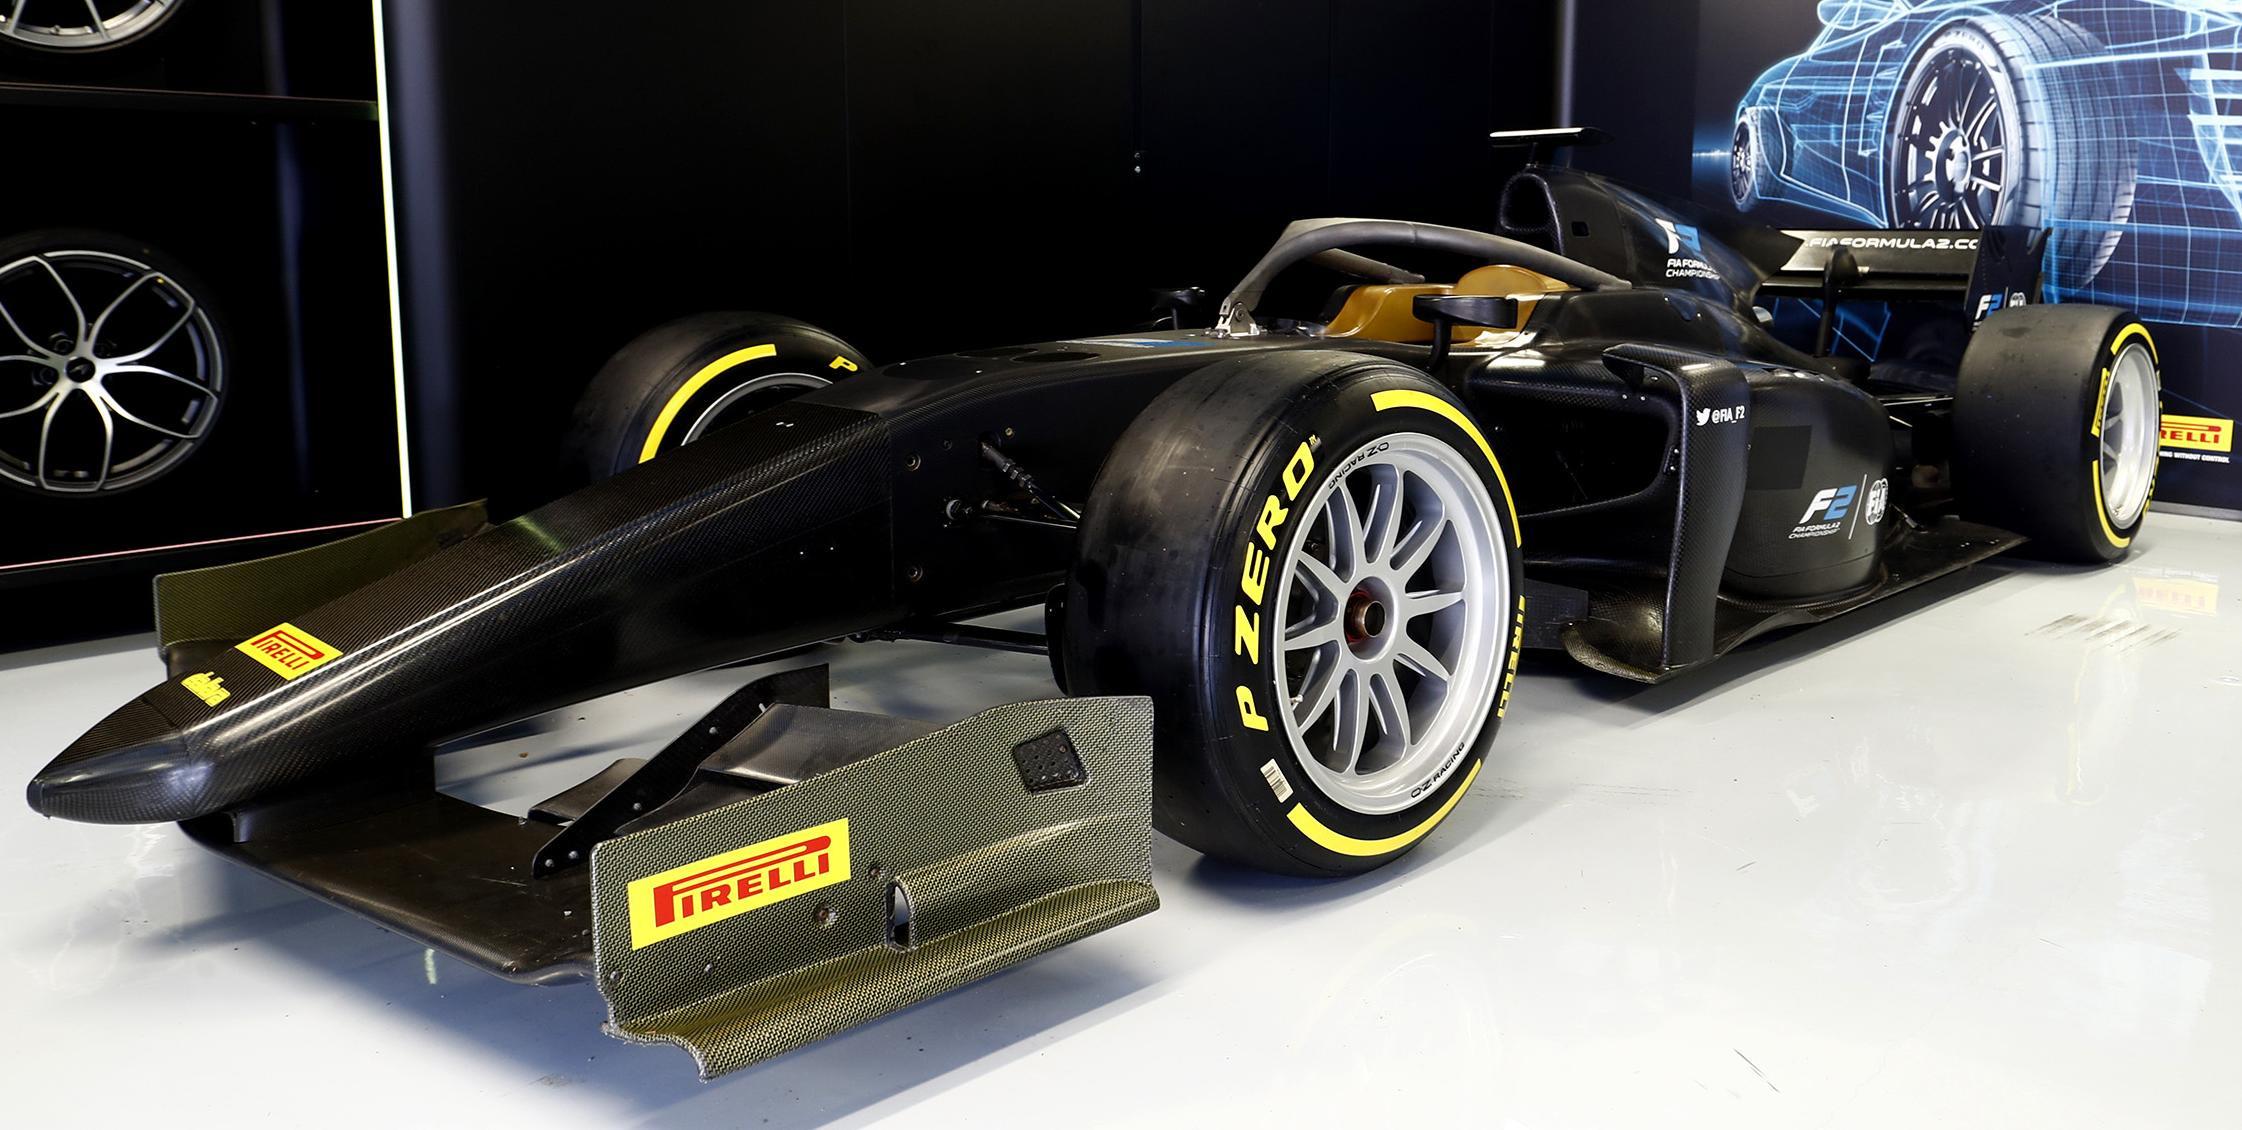 pneus 18 pouces pirelli F1